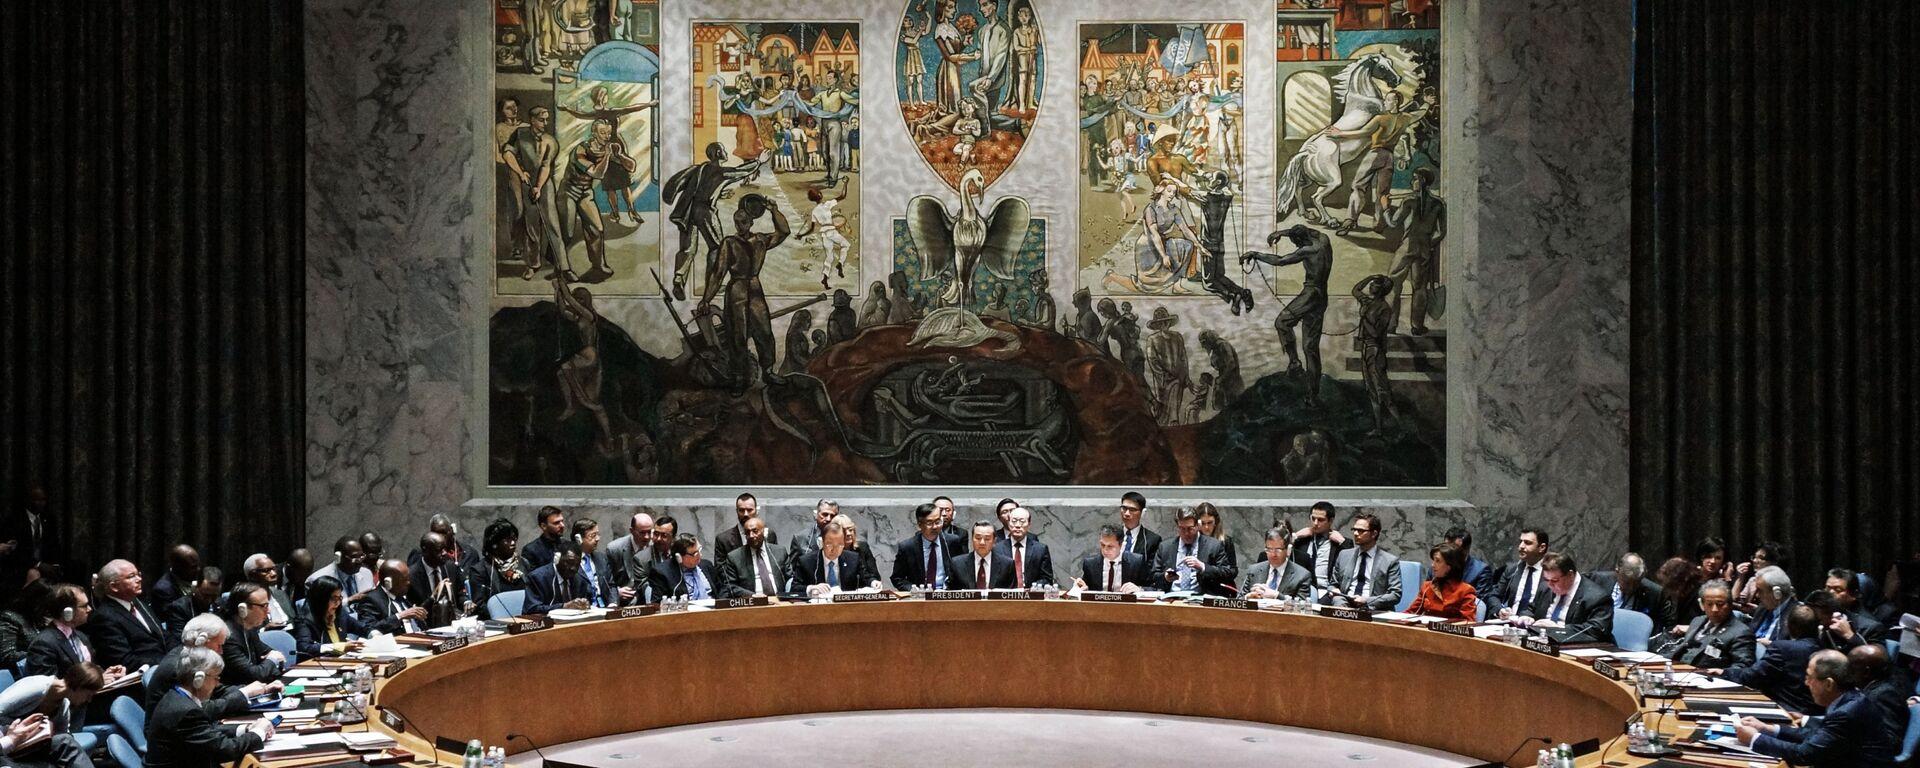 W czasie otwartych dyskusji na forum Rady Bezpieczeństwa ONZ w Nowym Jorku - Sputnik Polska, 1920, 22.09.2021